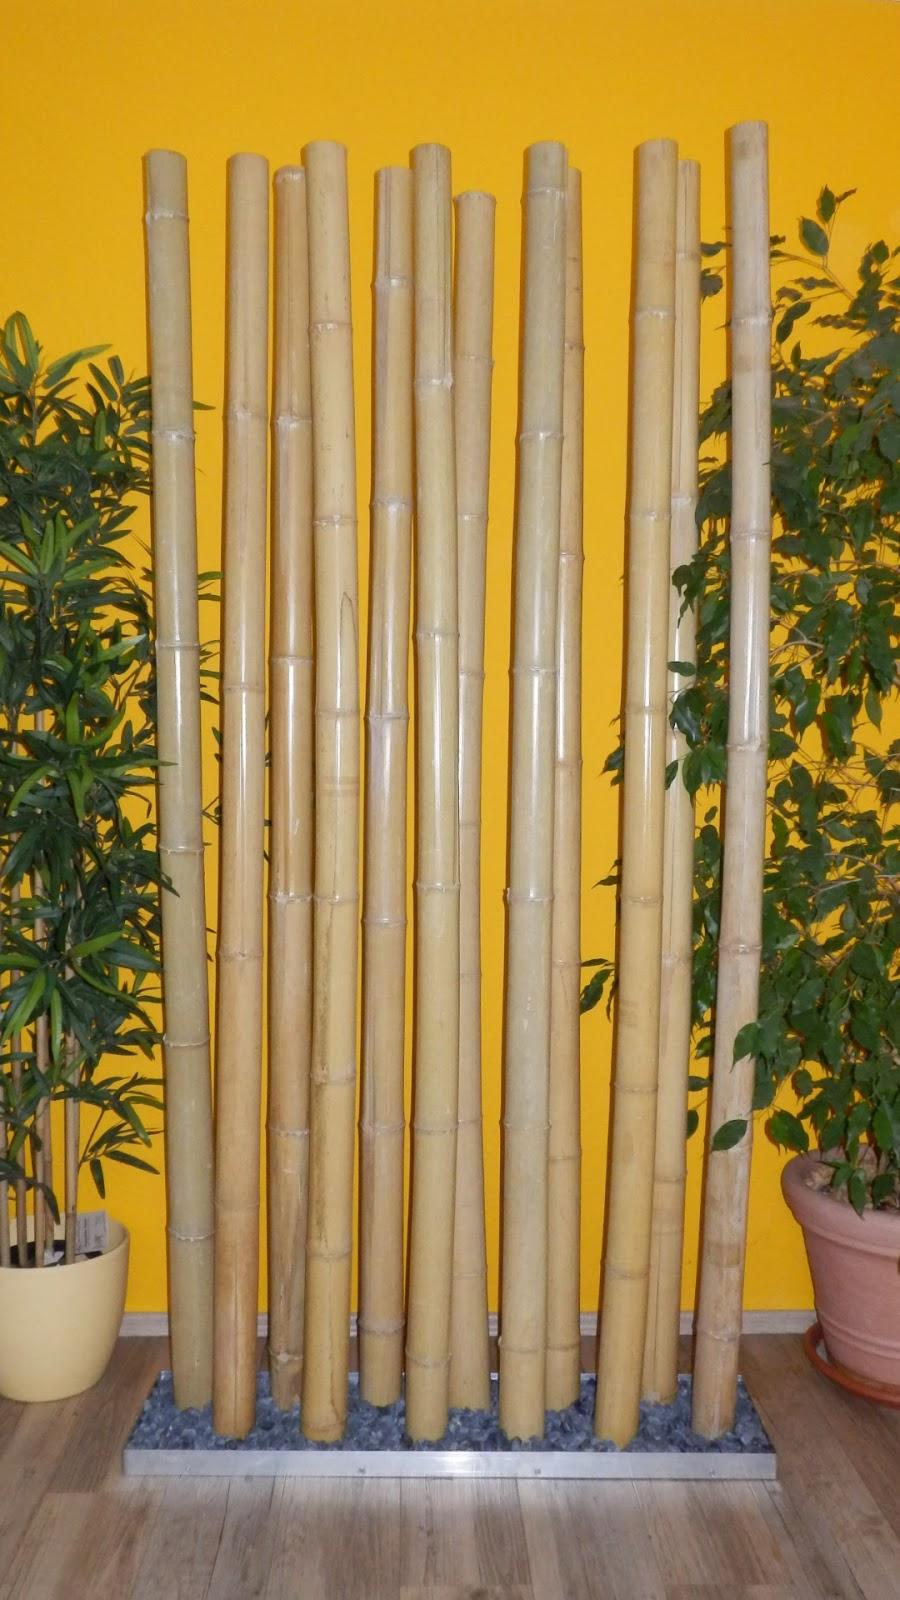 Paraboo Wir Bringen Bambus Zum Leuchten Bambusraumteiler Jungle